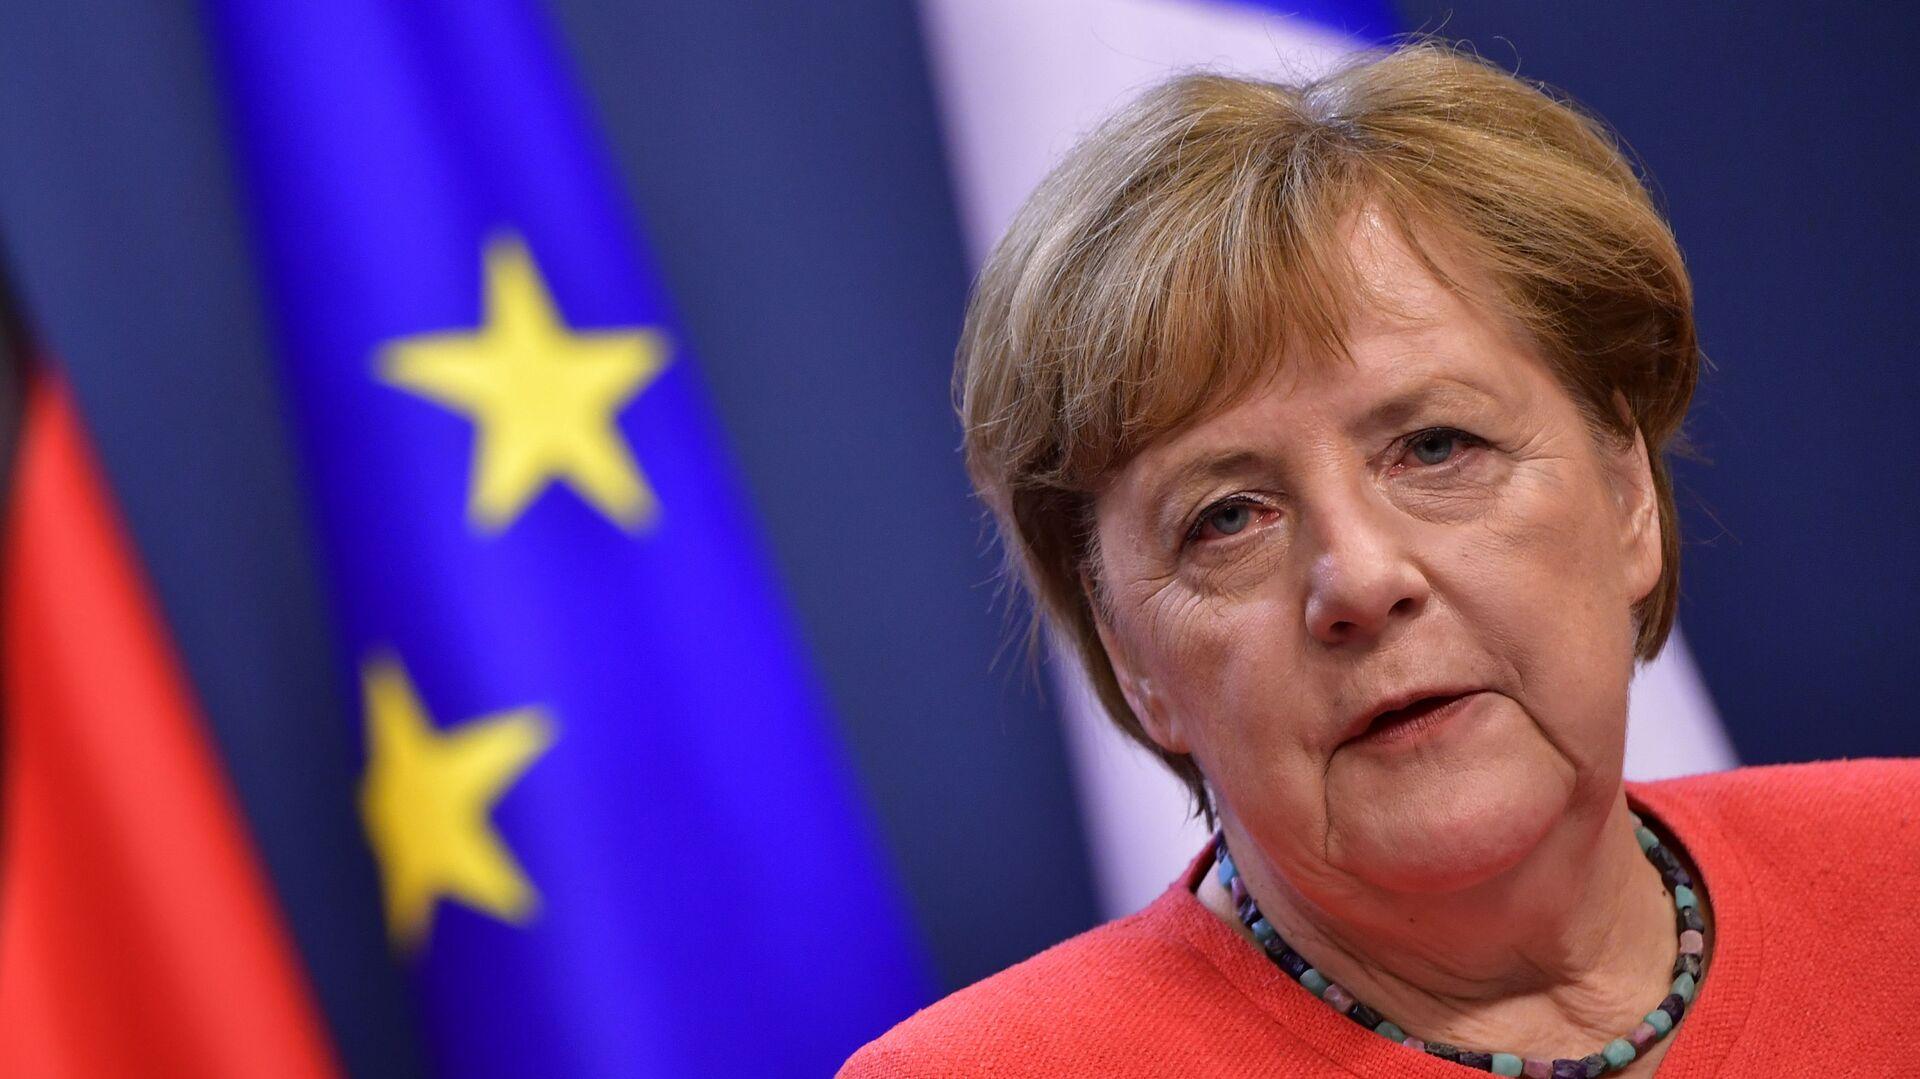 Německá kancléřka Angela Merkelová - Sputnik Česká republika, 1920, 06.02.2021